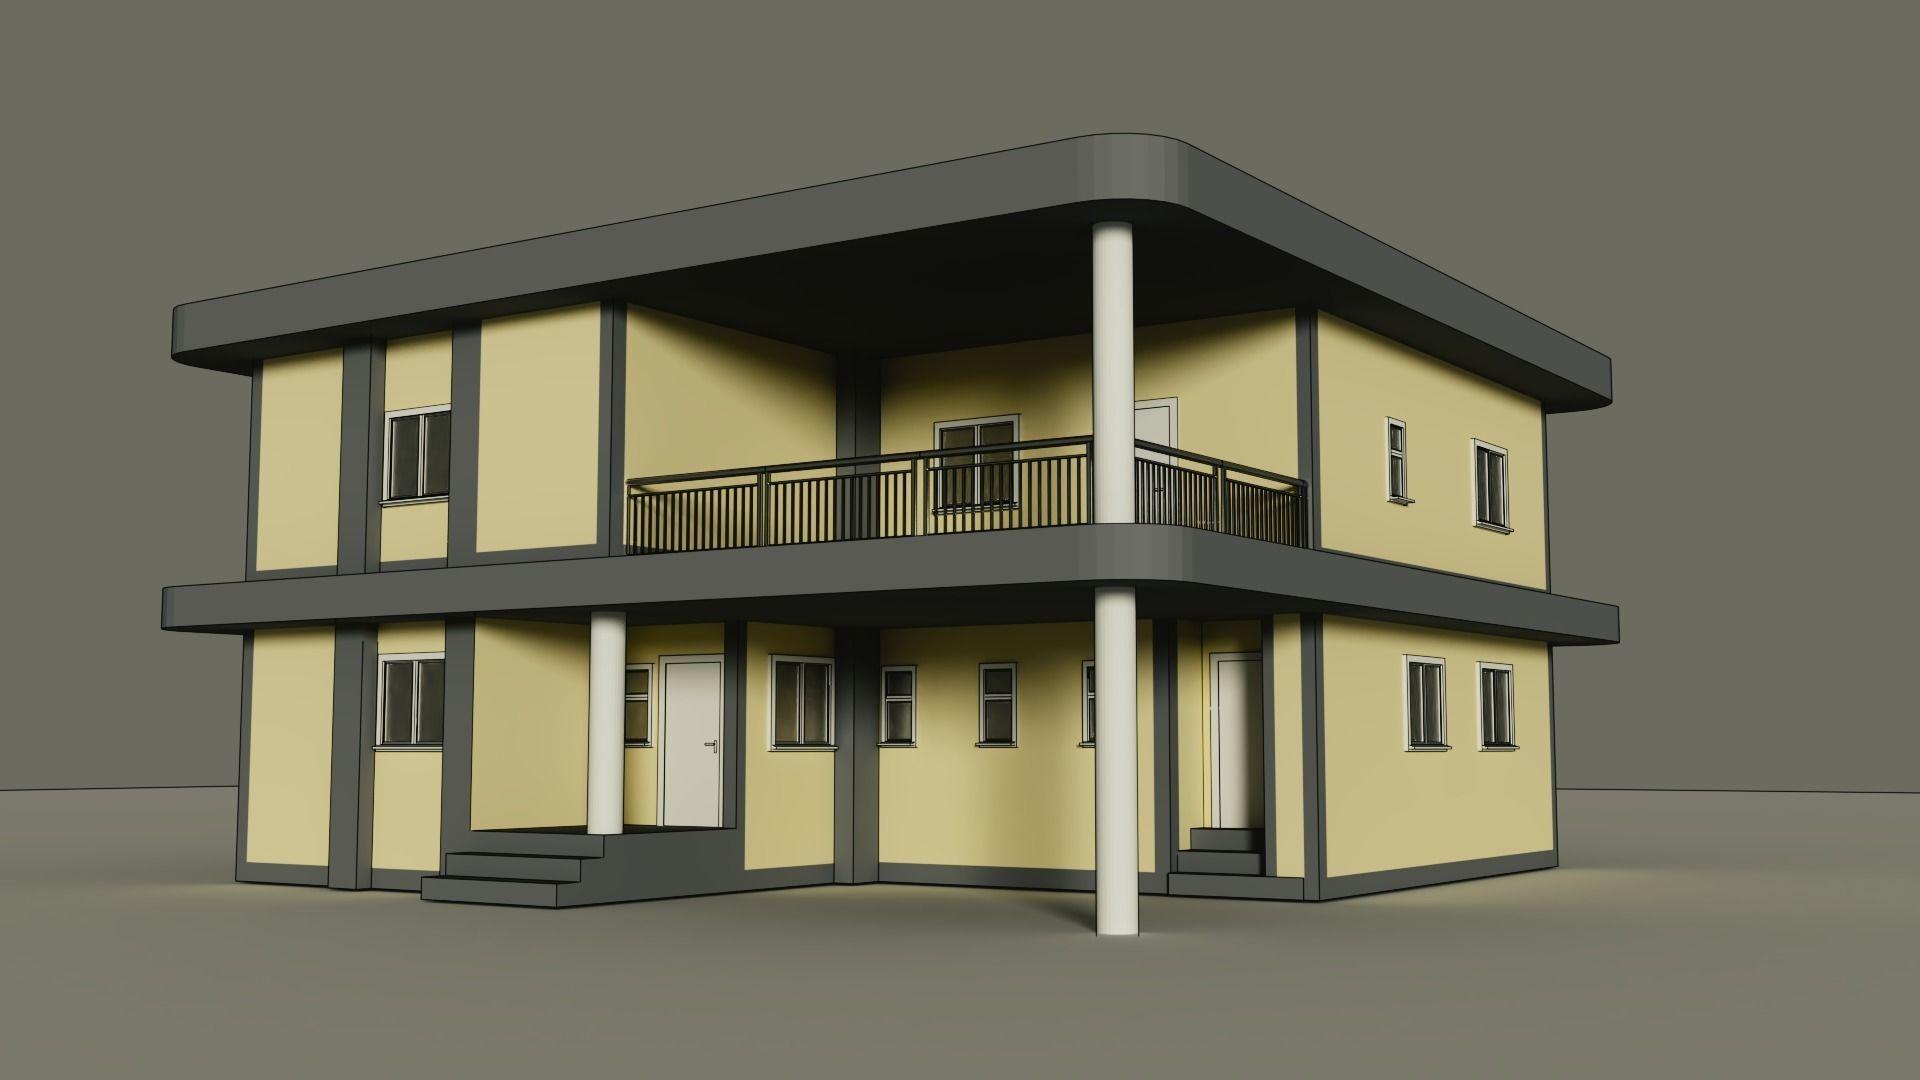 Home Made In Blender 3d Model